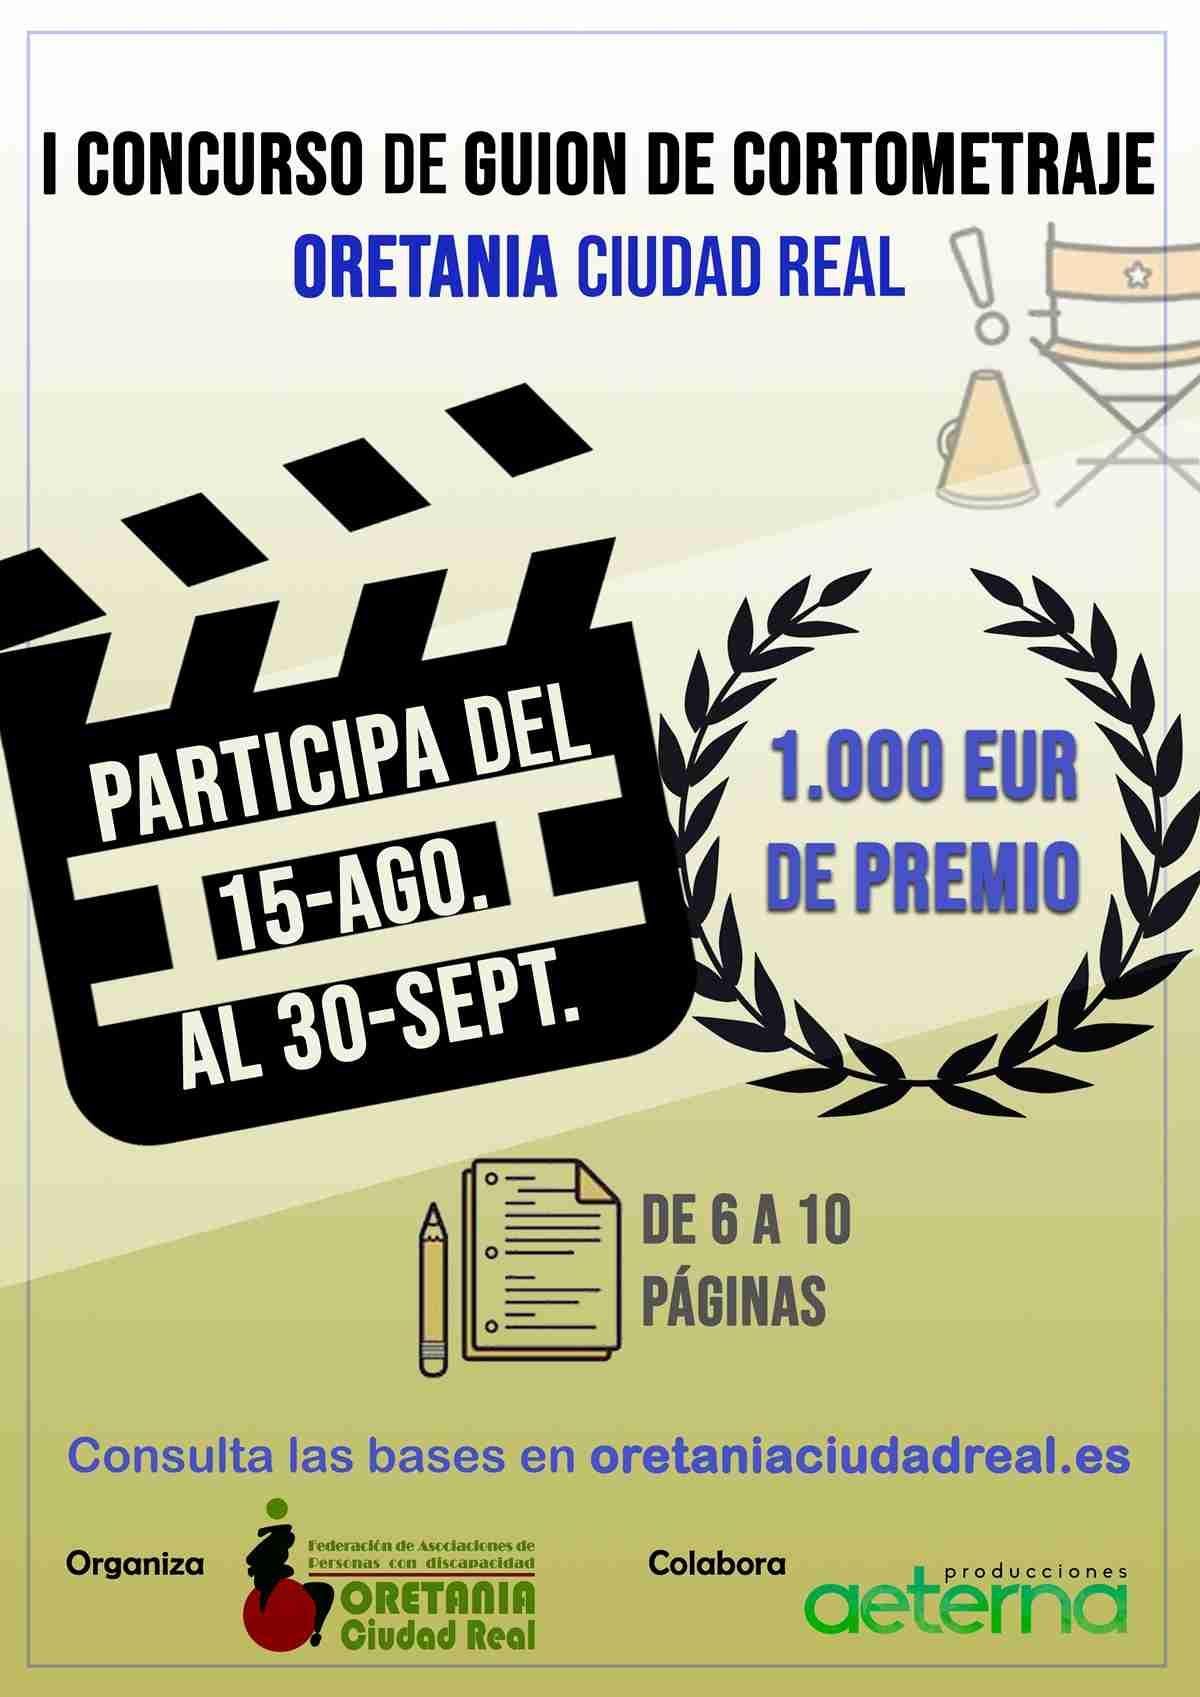 ORETANIA Ciudad Real y una convocatoria al concurso nacional de cortos 1